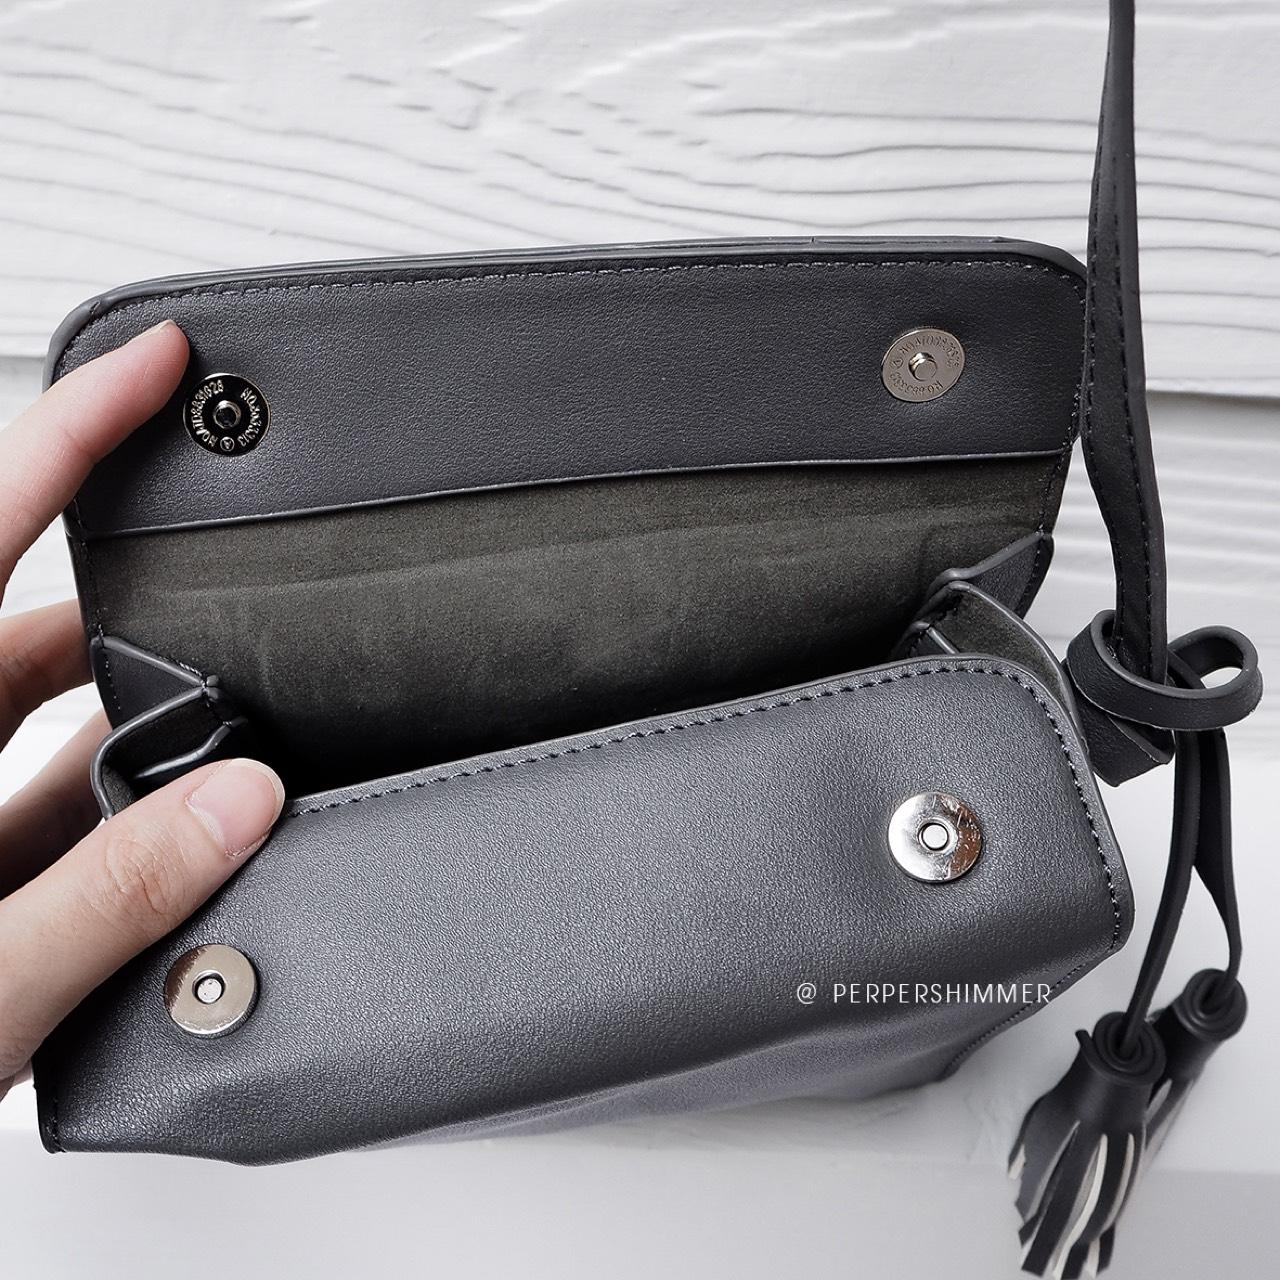 PEPPERSHIMMER,ผู้หญิง,Women,กระเป๋า,กระเป๋าผู้หญิง,bag,กระเป๋าสะพาย,กระเป๋าใบเล็ก,กระเป๋าสีดำ,สีดำ